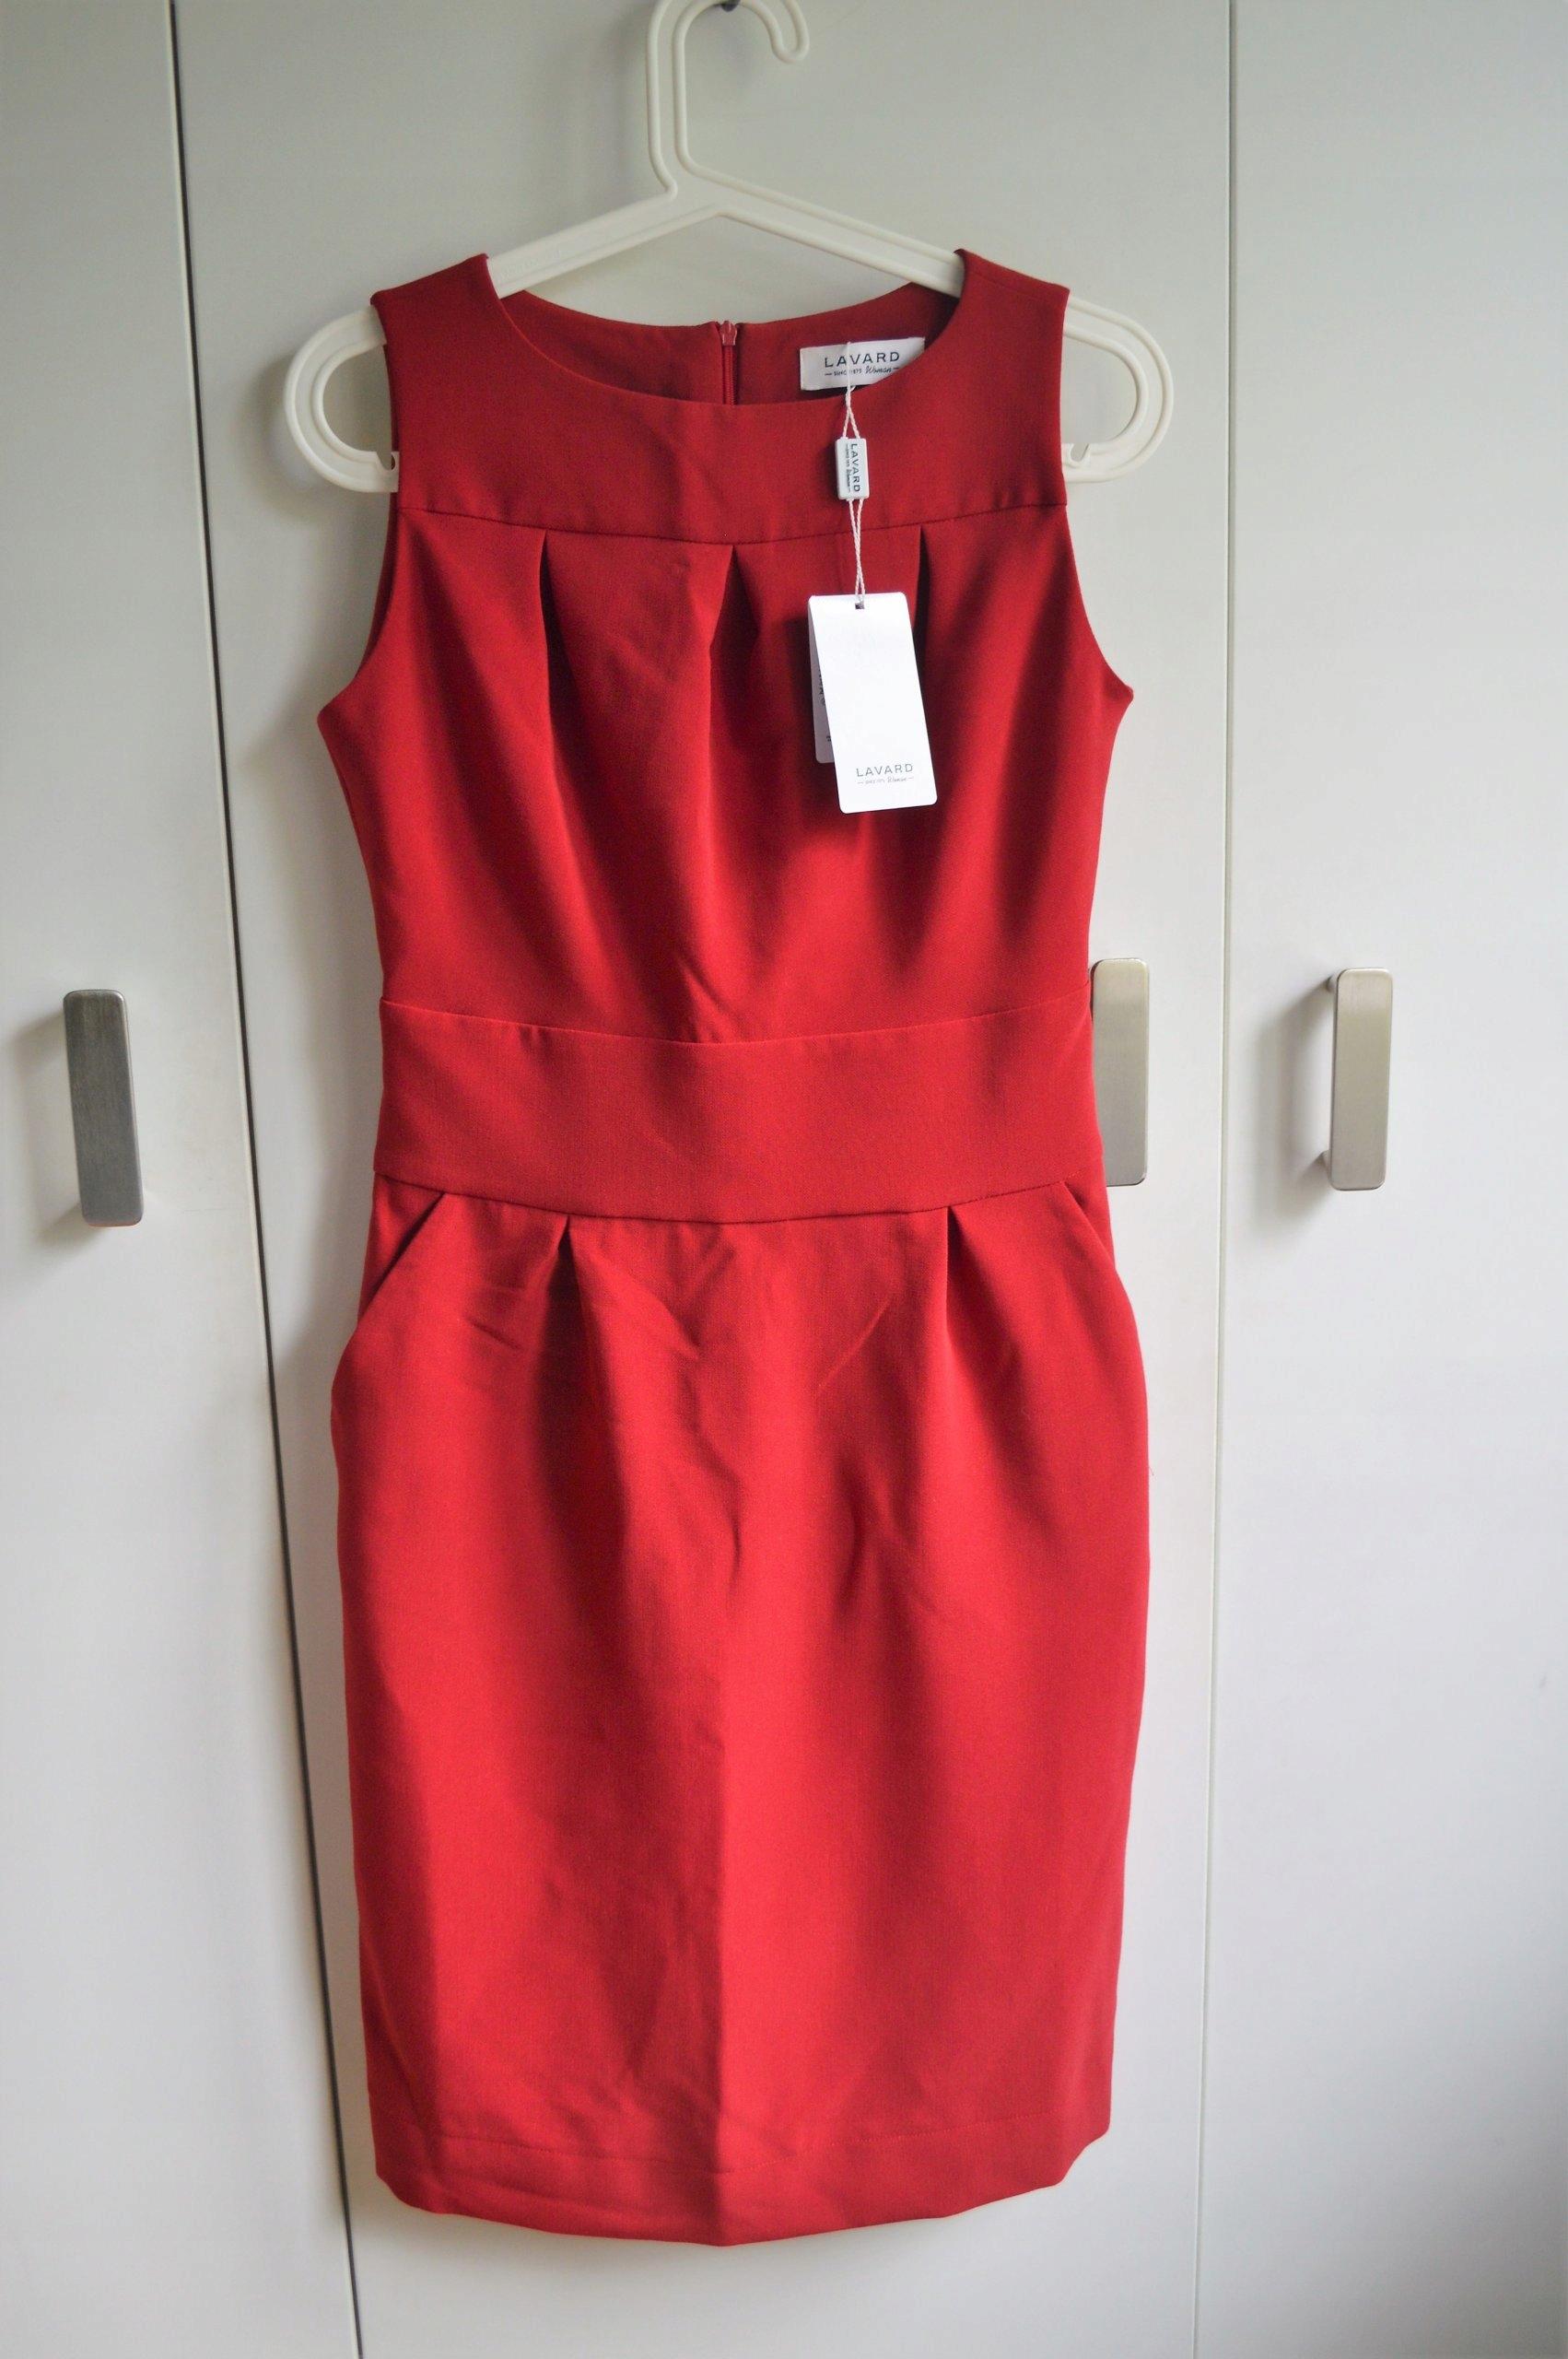 LAVARD ekskluzywna sukienka M czerwona nowa.